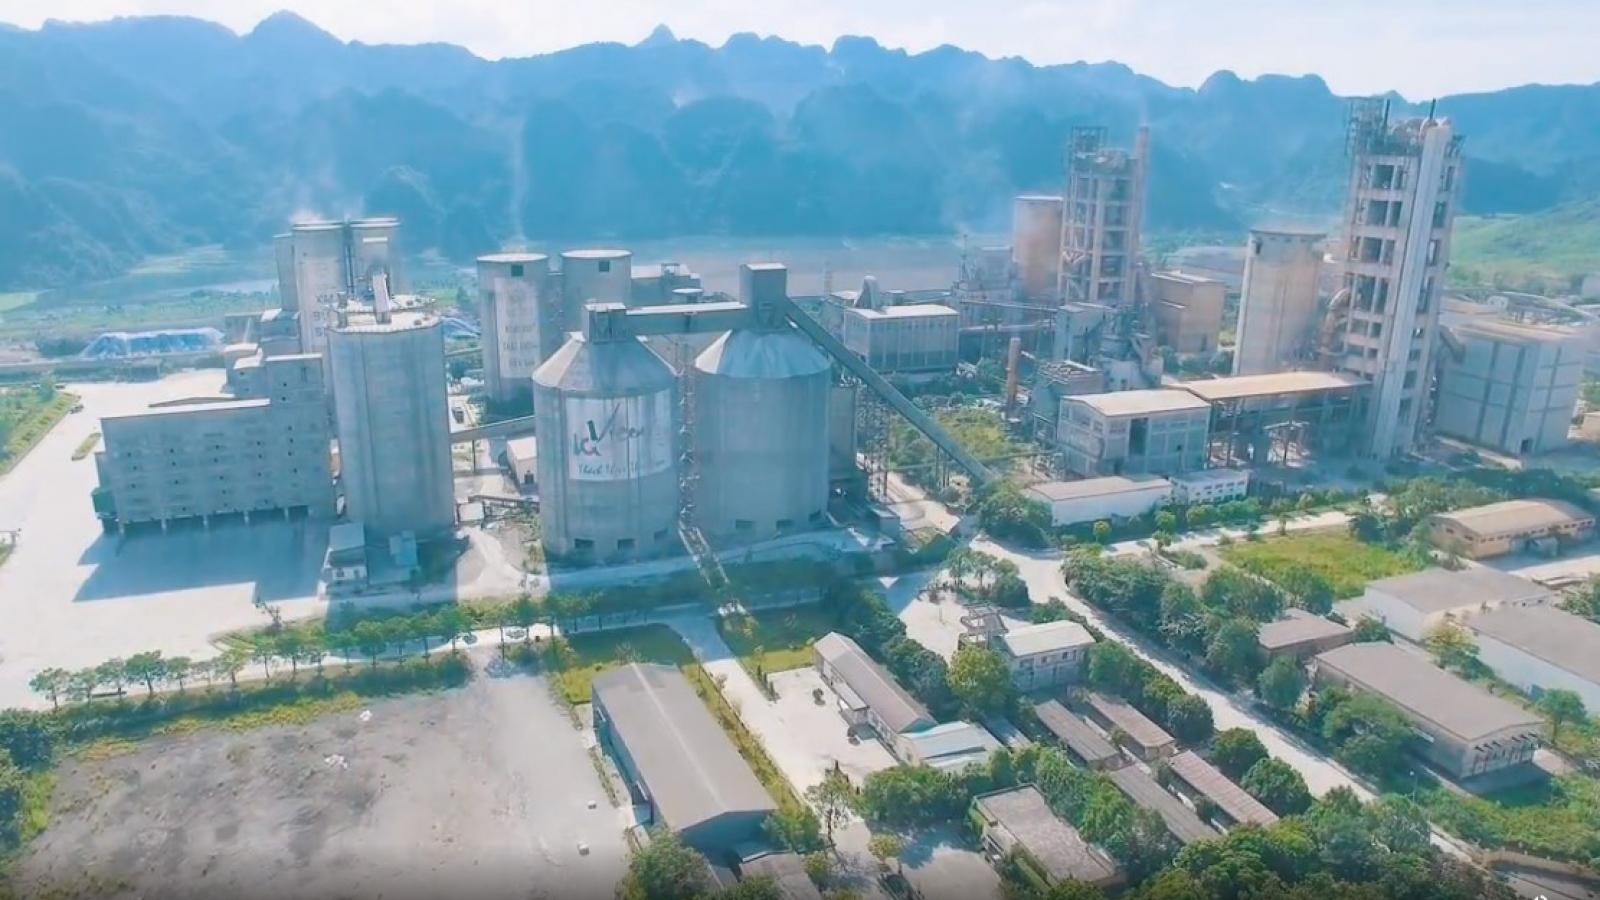 VICEM Bút Sơn đổi mới công nghệ, đảm bảo môi trường, đẩy mạnh sản xuất, kinh doanh